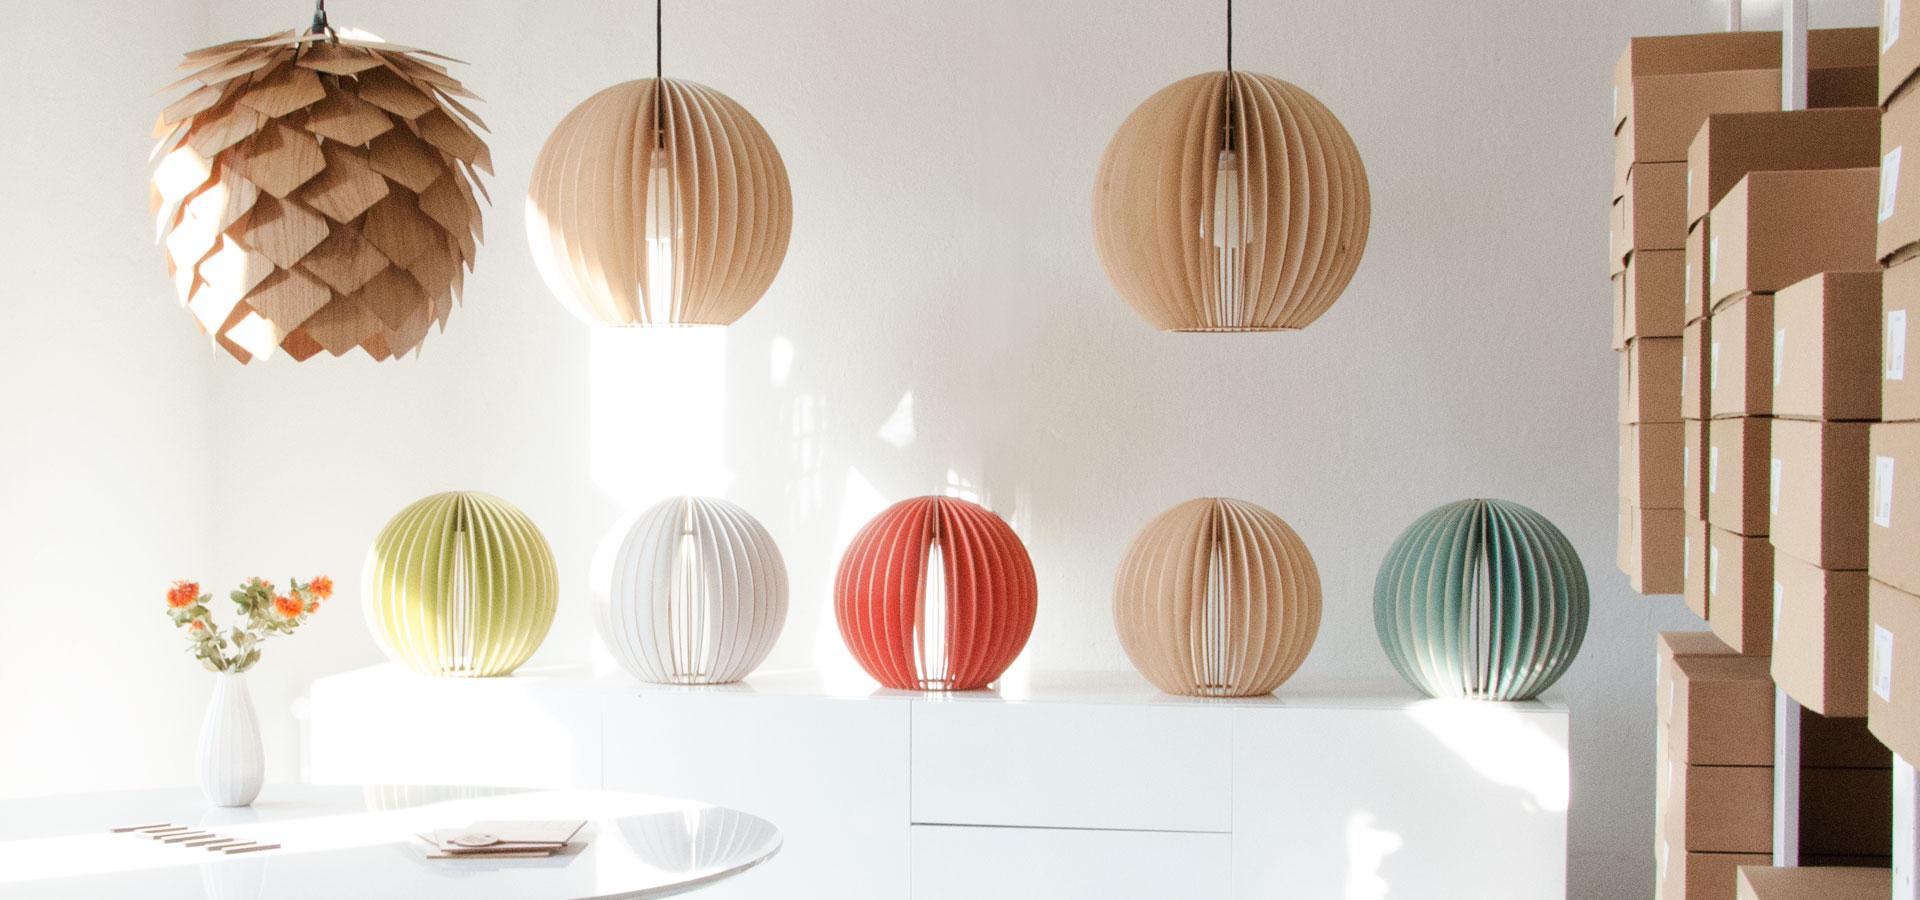 IUMI-Holzlampen-Studio